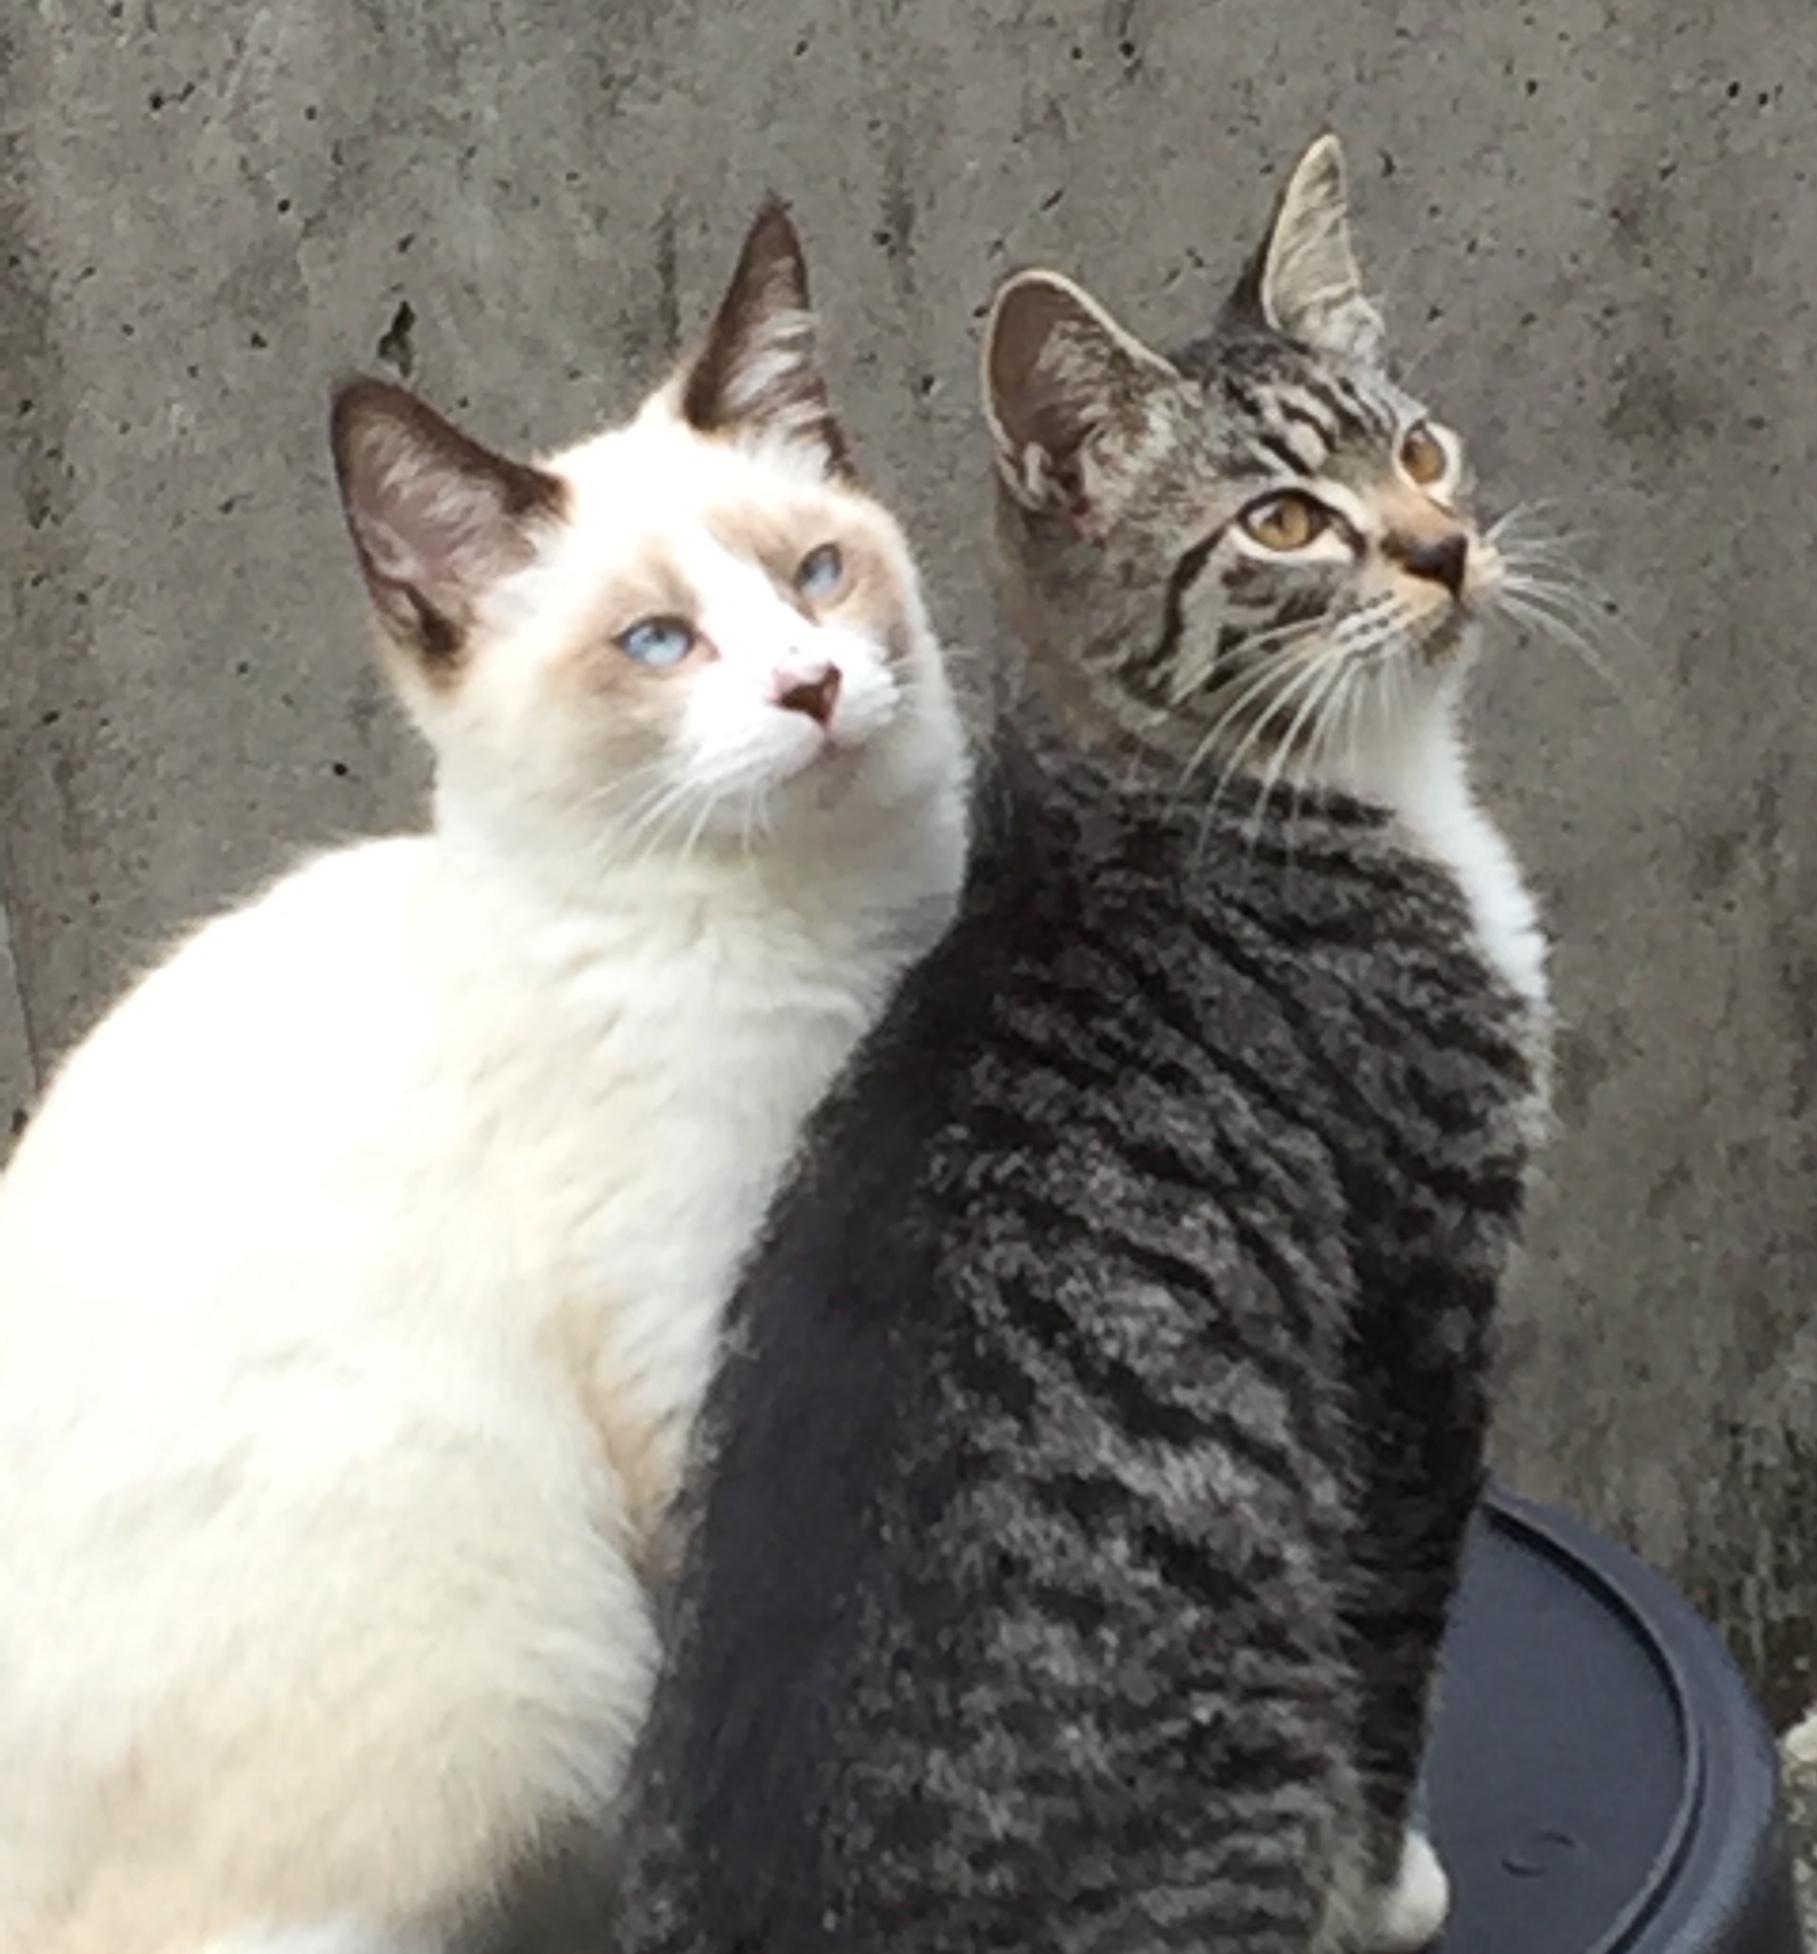 庭に遊びに来る猫達。二匹でくっついて座っている。2017年撮影。